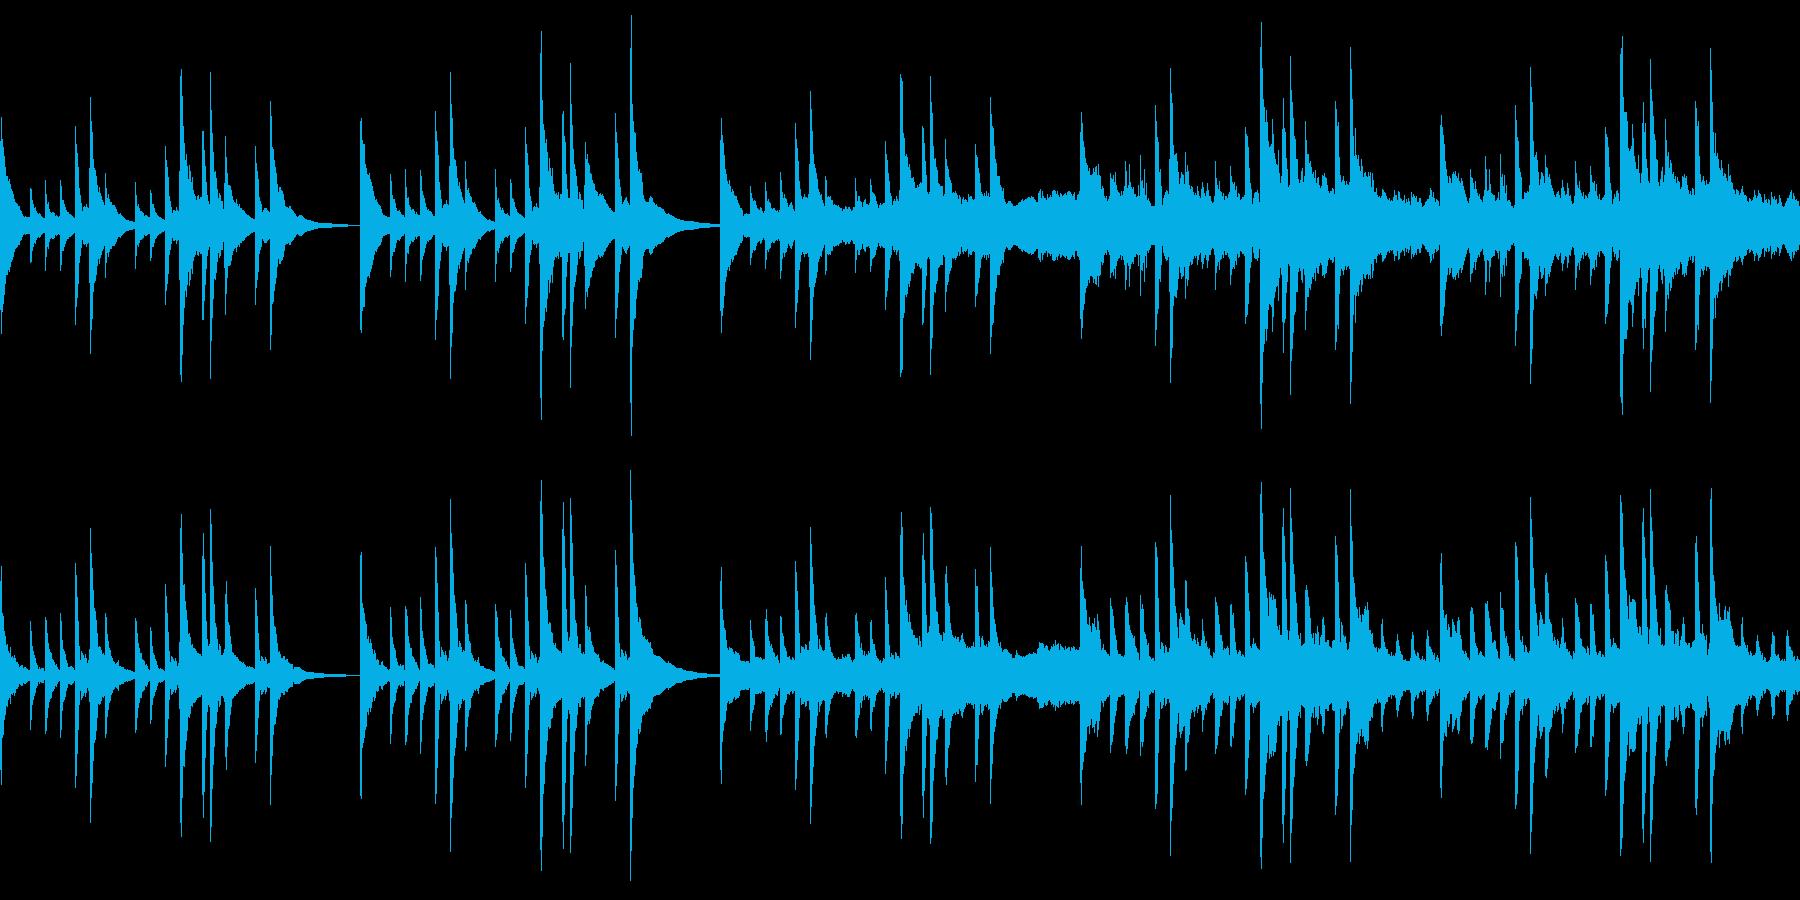 幻想的なピアノと弦楽器 RPGの再生済みの波形